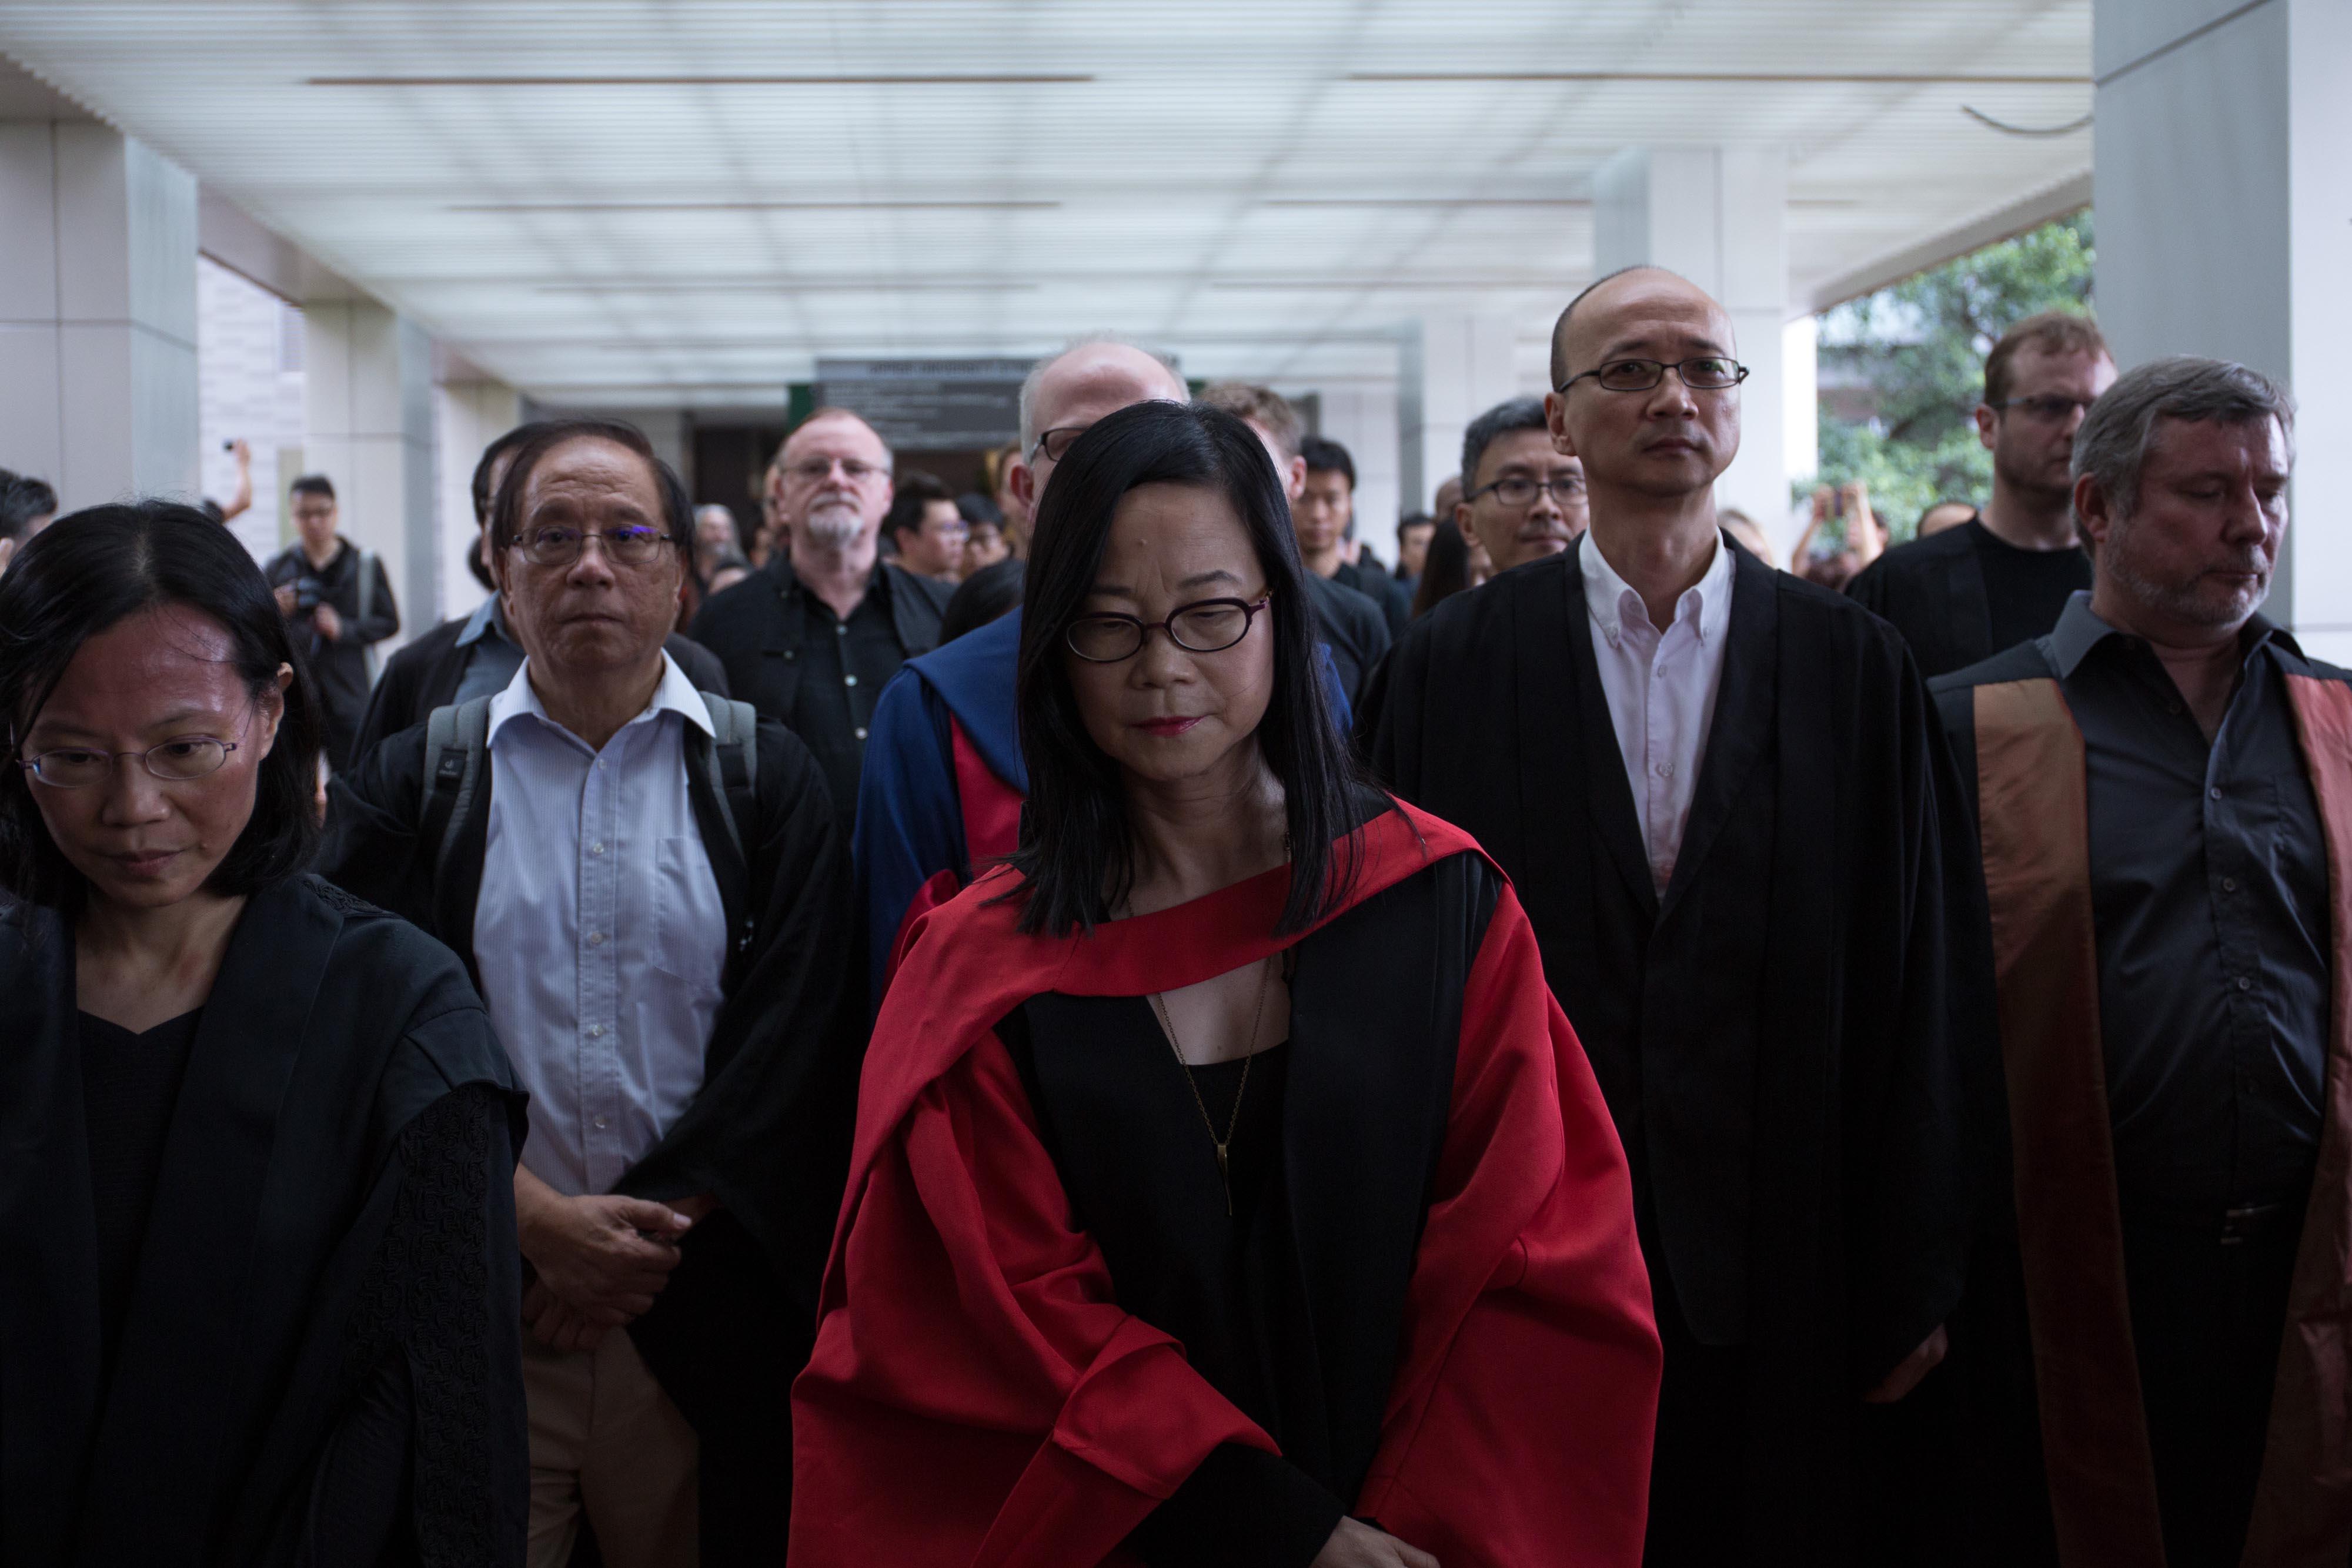 2015年10月6日,港大法律學系主任何錦璇(左一)與一同發起靜默遊行的何式凝博士(中)、陳祖為教授(右二)帶領師生在香港大學校園內遊行。攝:盧翊銘/端傳媒